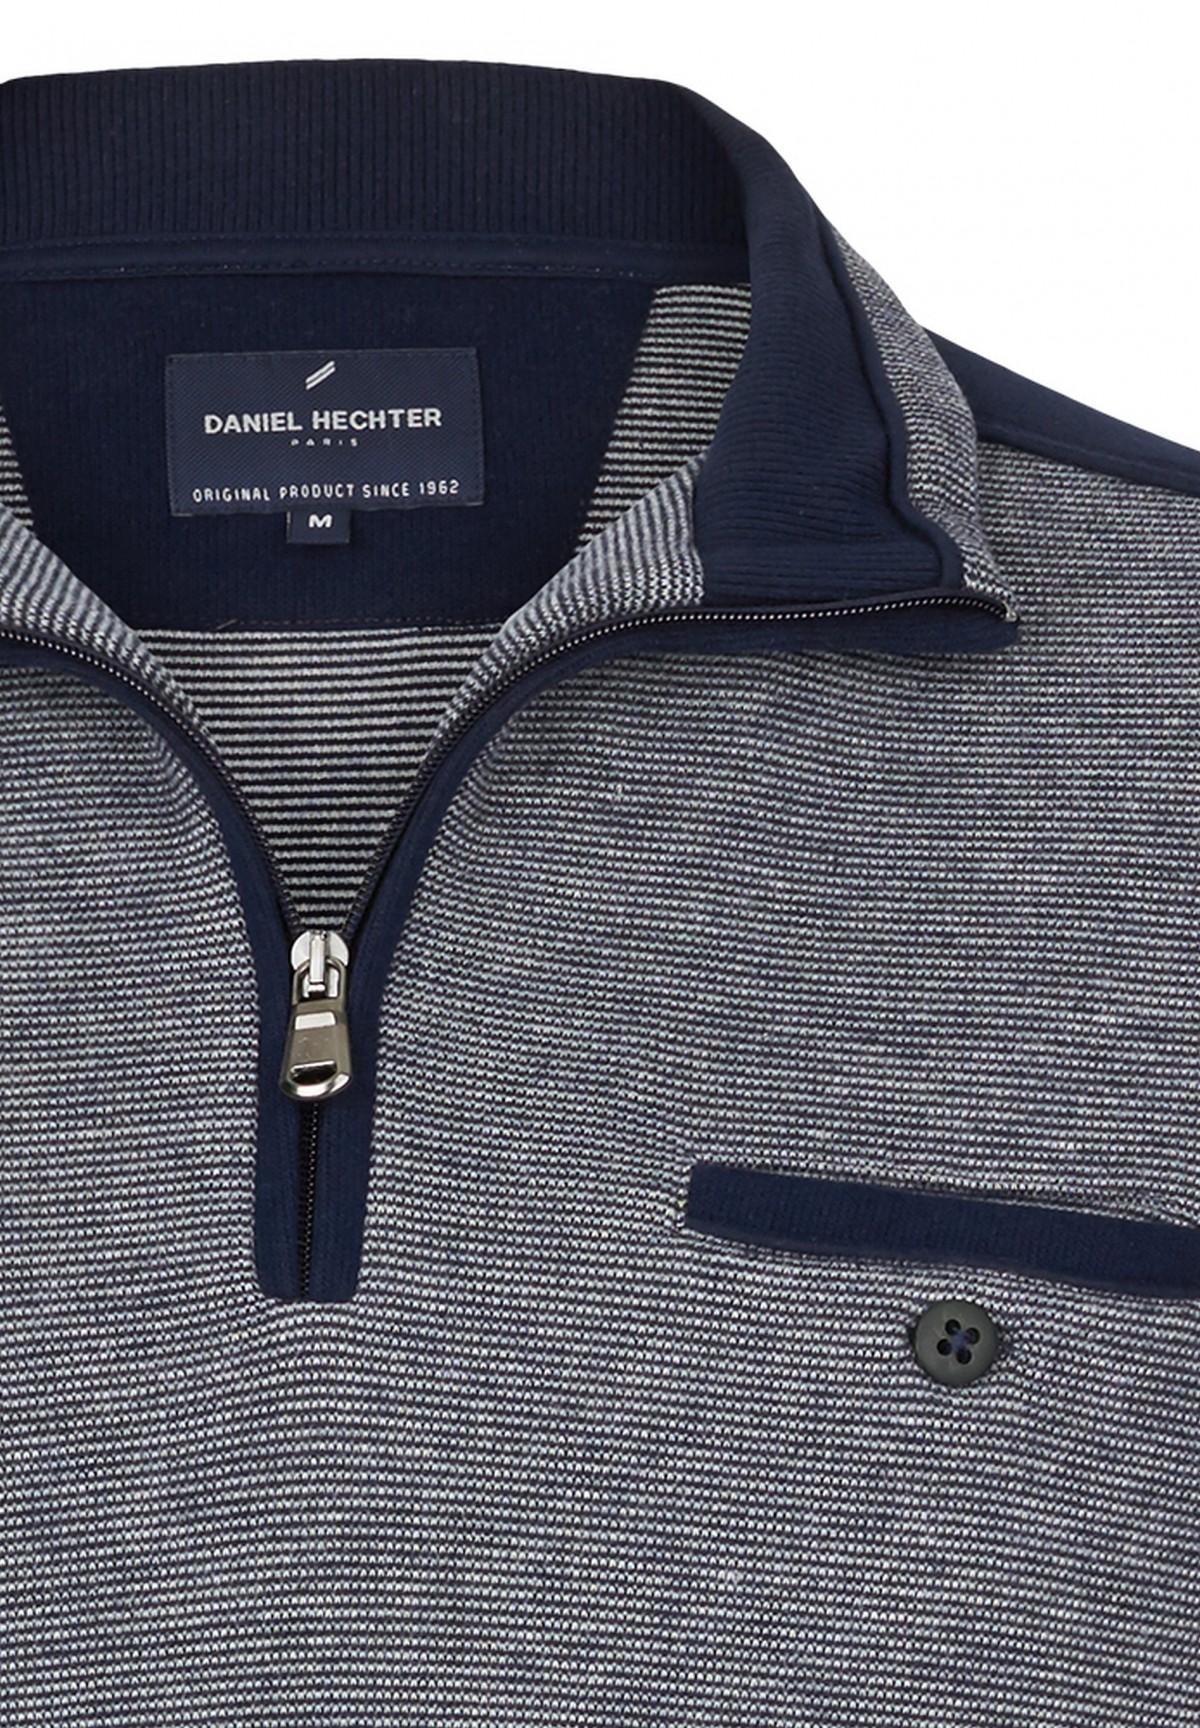 Sweatshirt confort à col zippé /